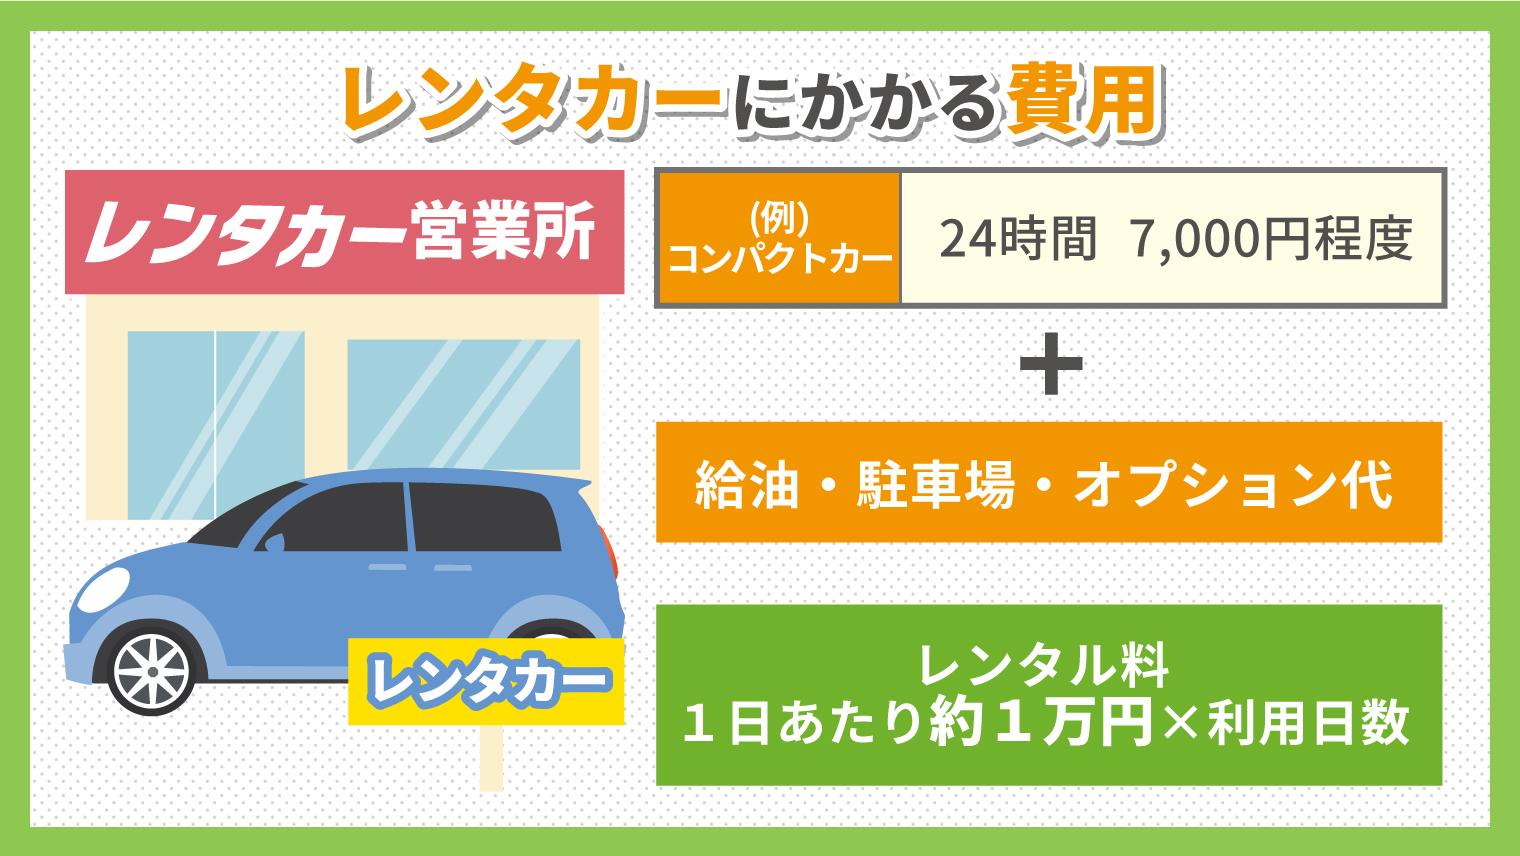 レンタカーにかかる費用